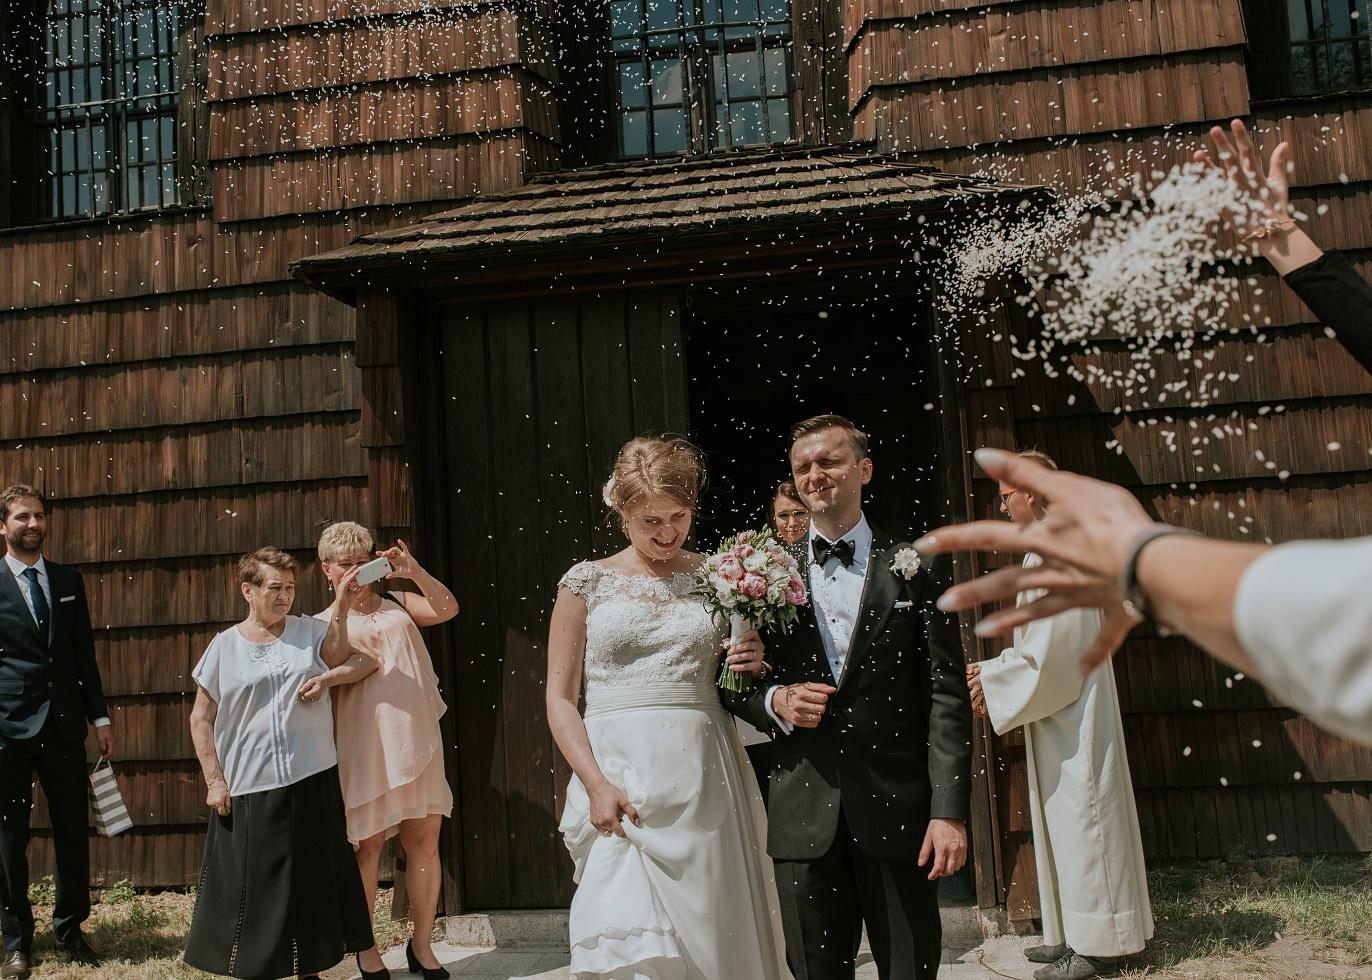 bajkowe zdjecia ślubne